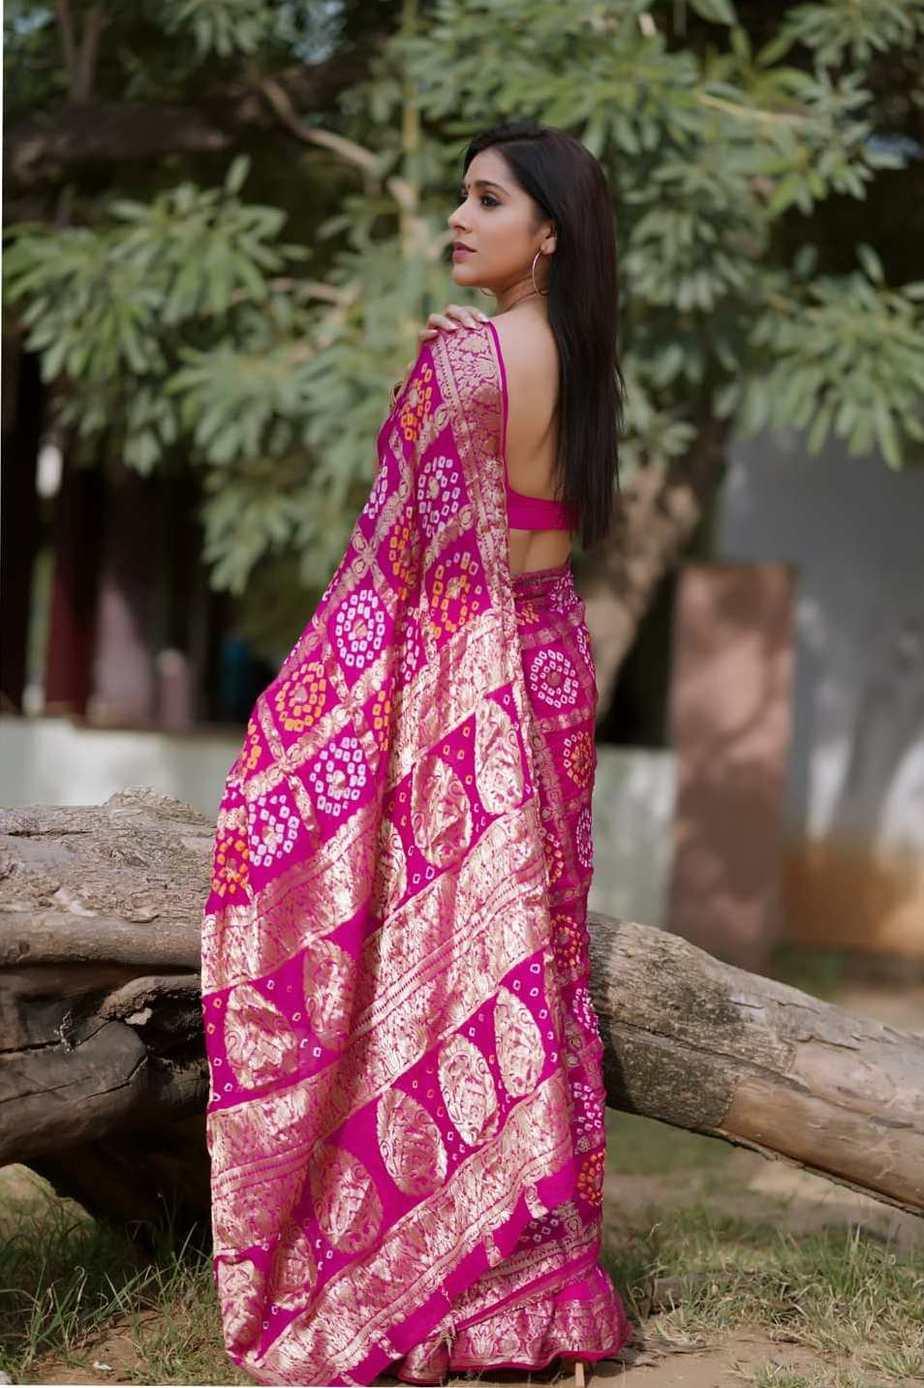 Rashmi gautam in a pink bandhej saree by anvitha-1